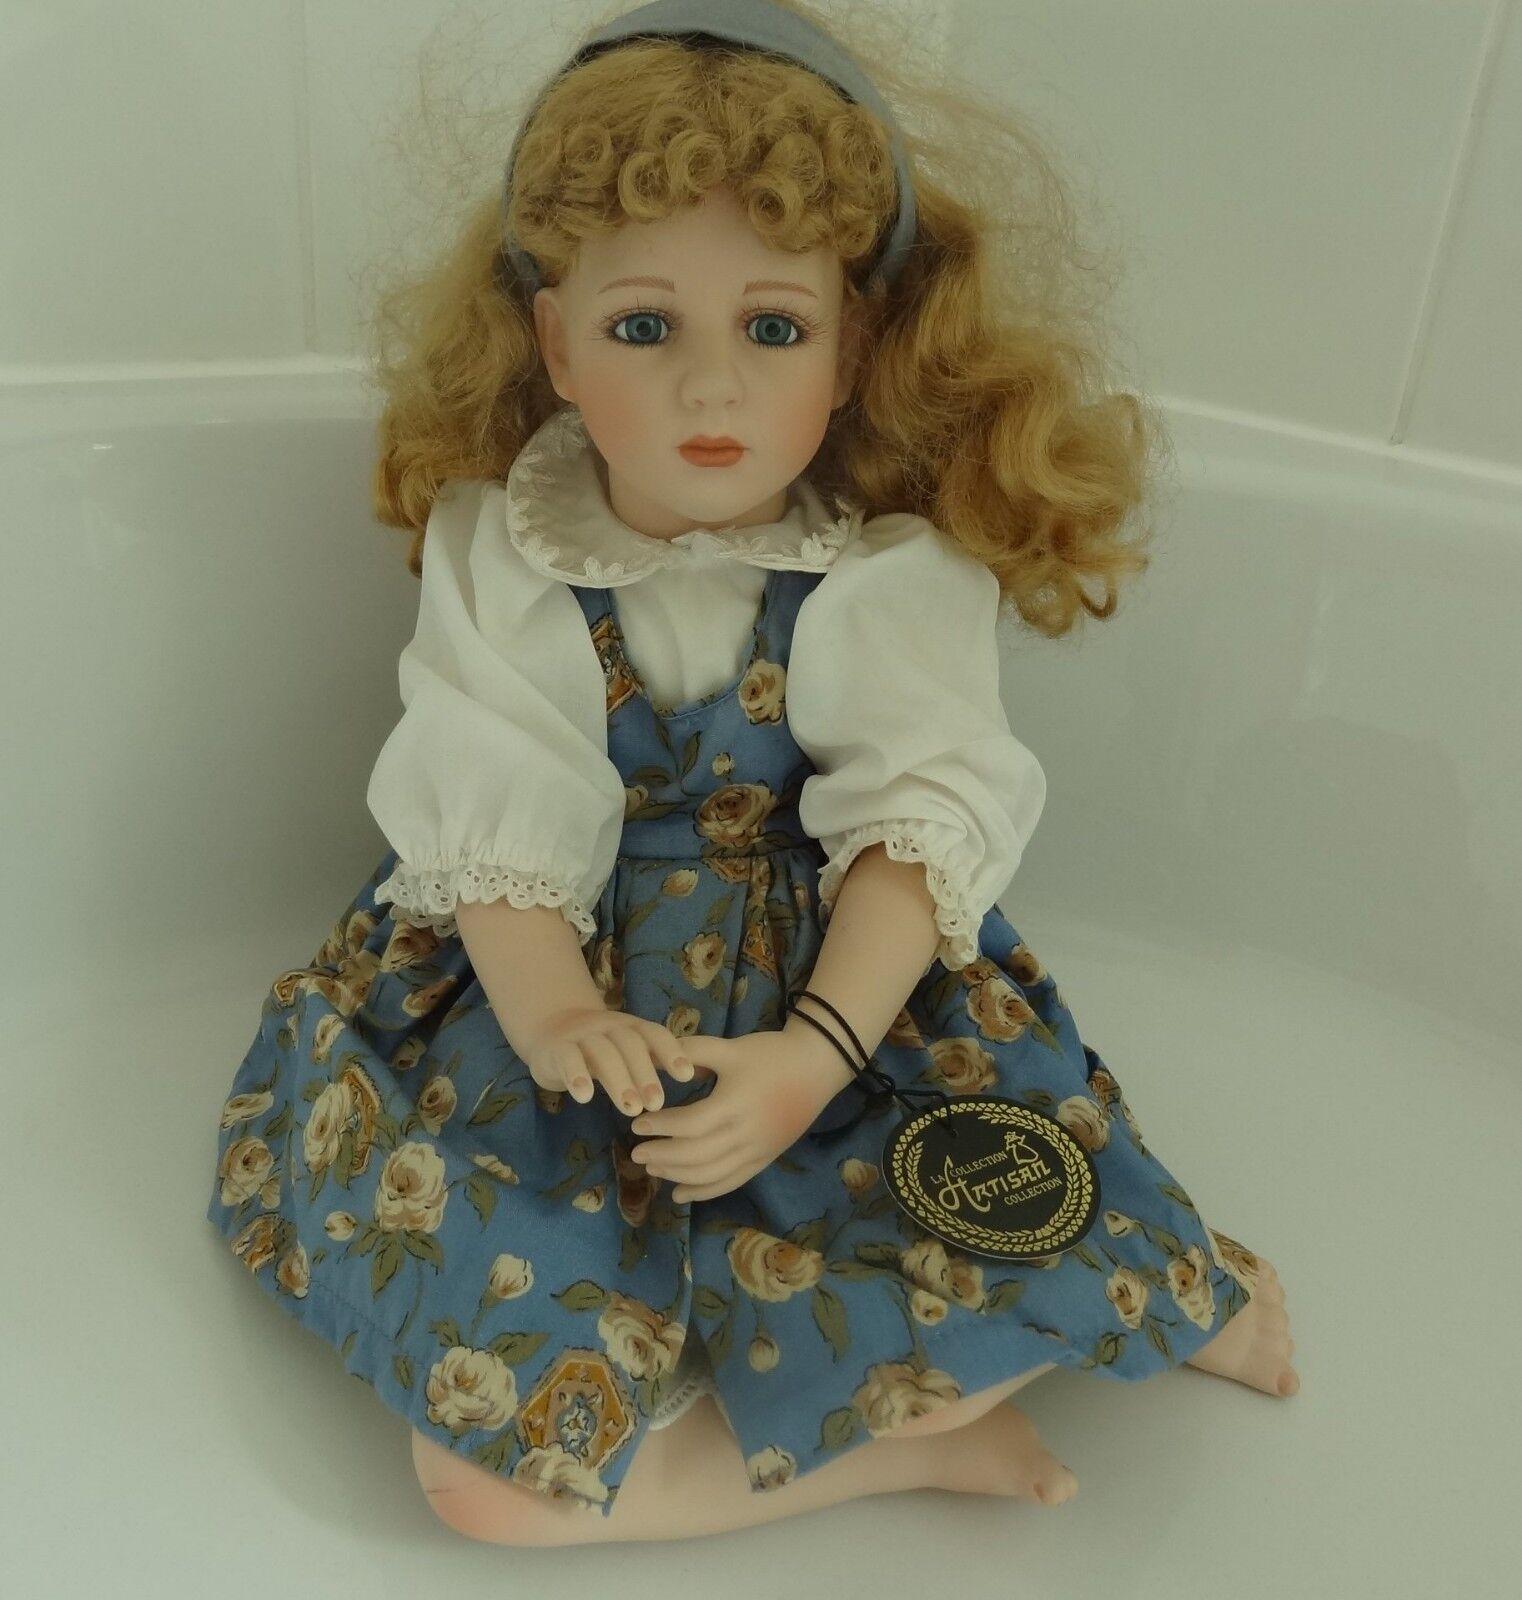 BAMBOLA di porcellana PORCELLANA testa bambola la Artisan Collection certificato DOLL Karen